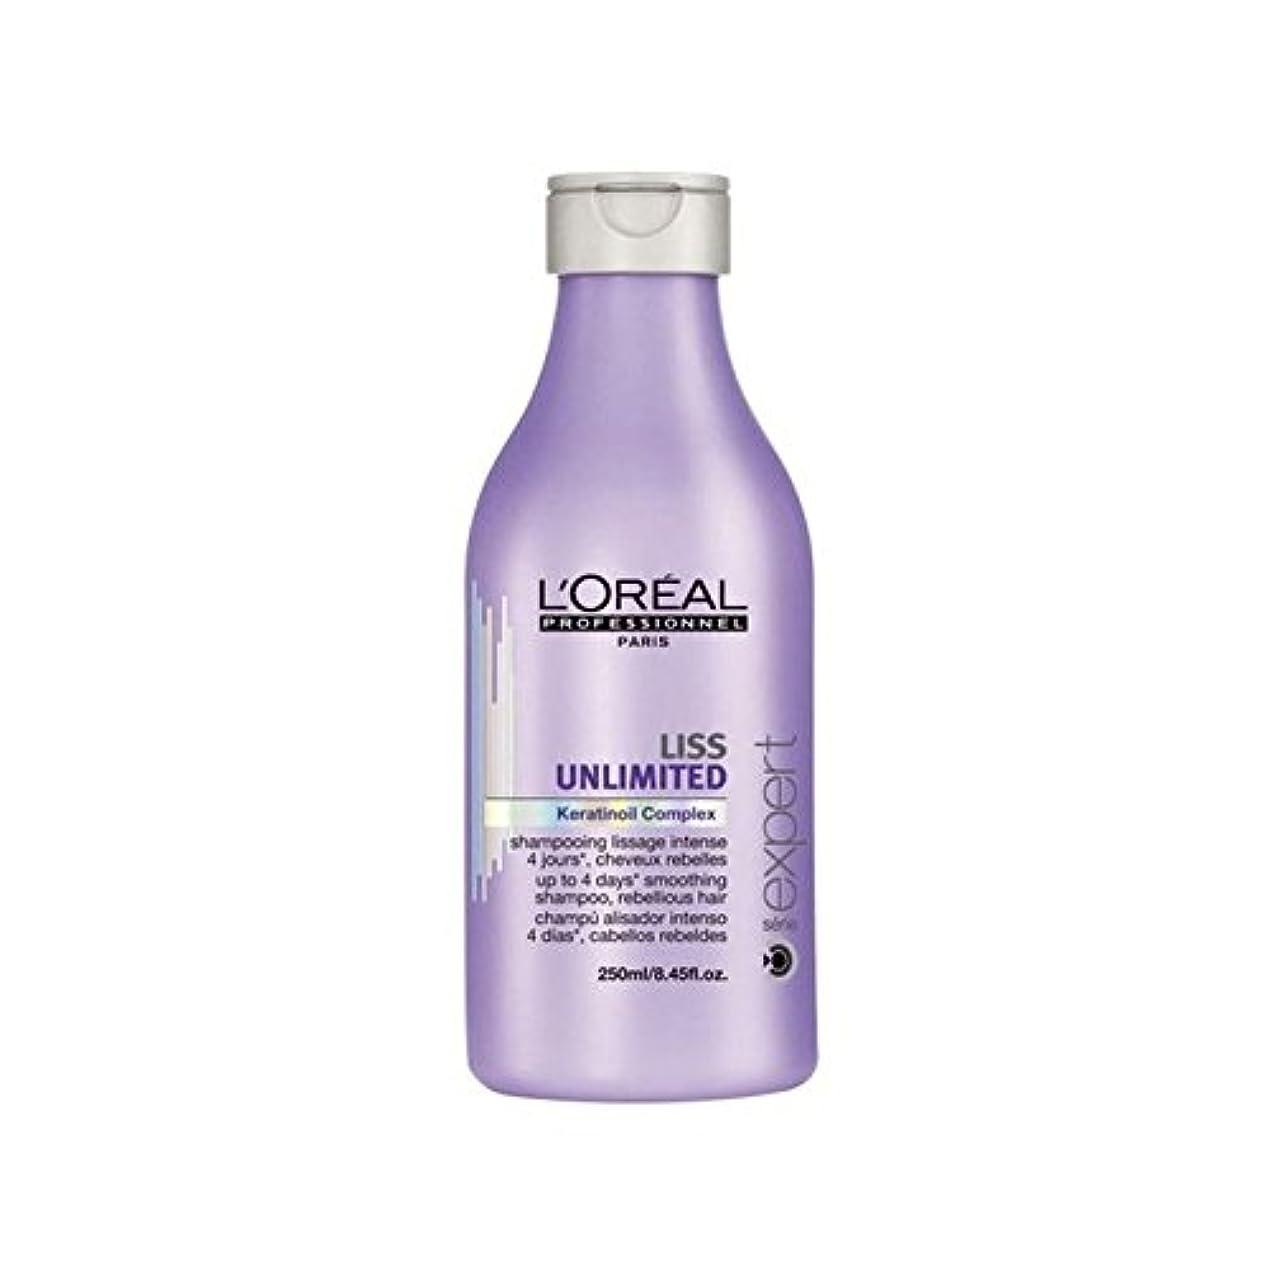 ストレンジャー実際オレンジL'Oreal Professionnel Serie Expert Liss Unlimited Shampoo (250ml) - ロレアルプロフェッショナルセリエ専門家無制限のシャンプー(250ミリリットル) [並行輸入品]